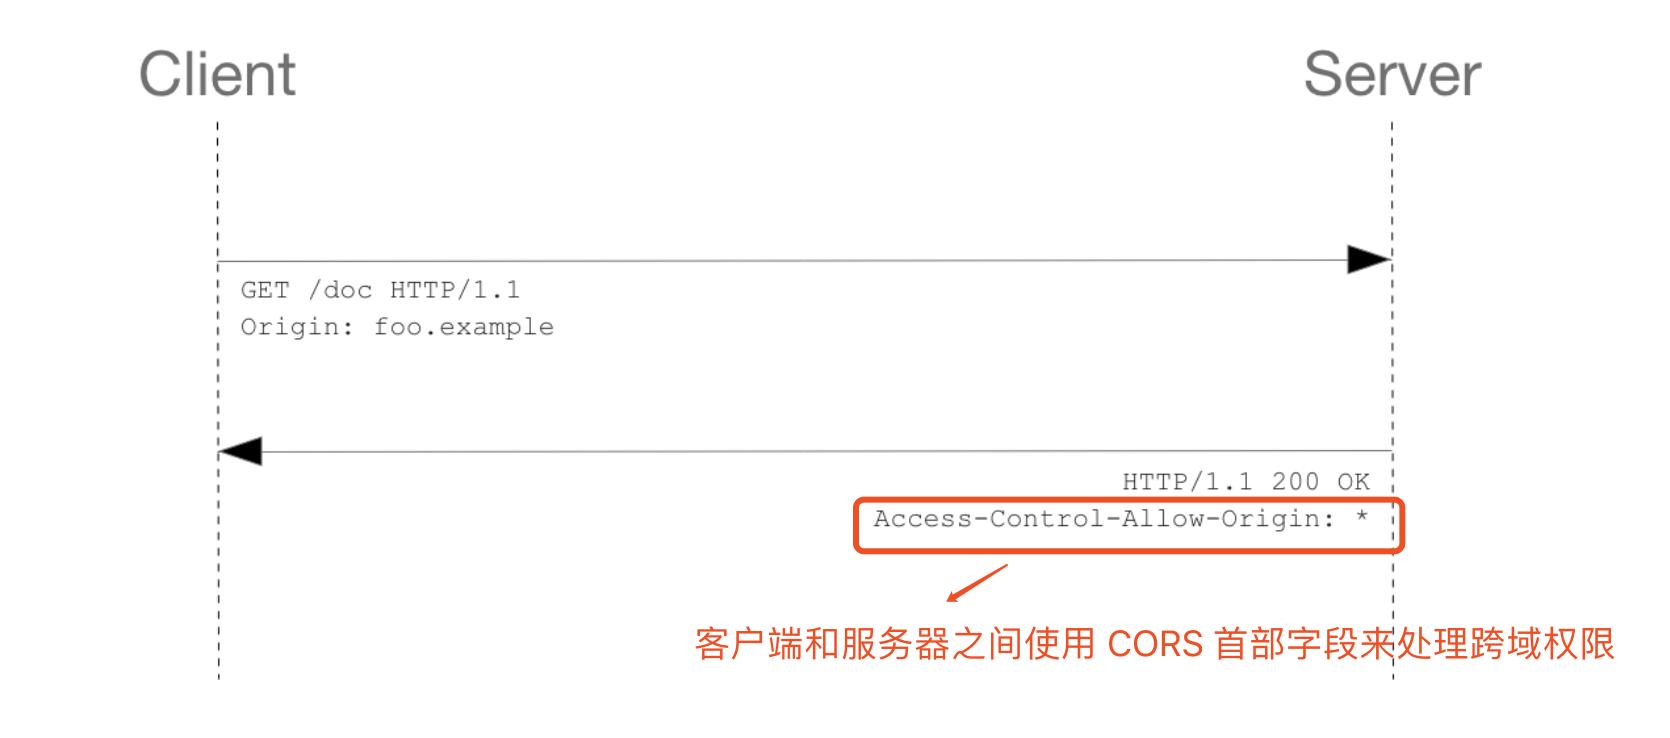 当遇到跨域开发时, 我们如何处理好前后端配置和请求库封装(koa/axios版)